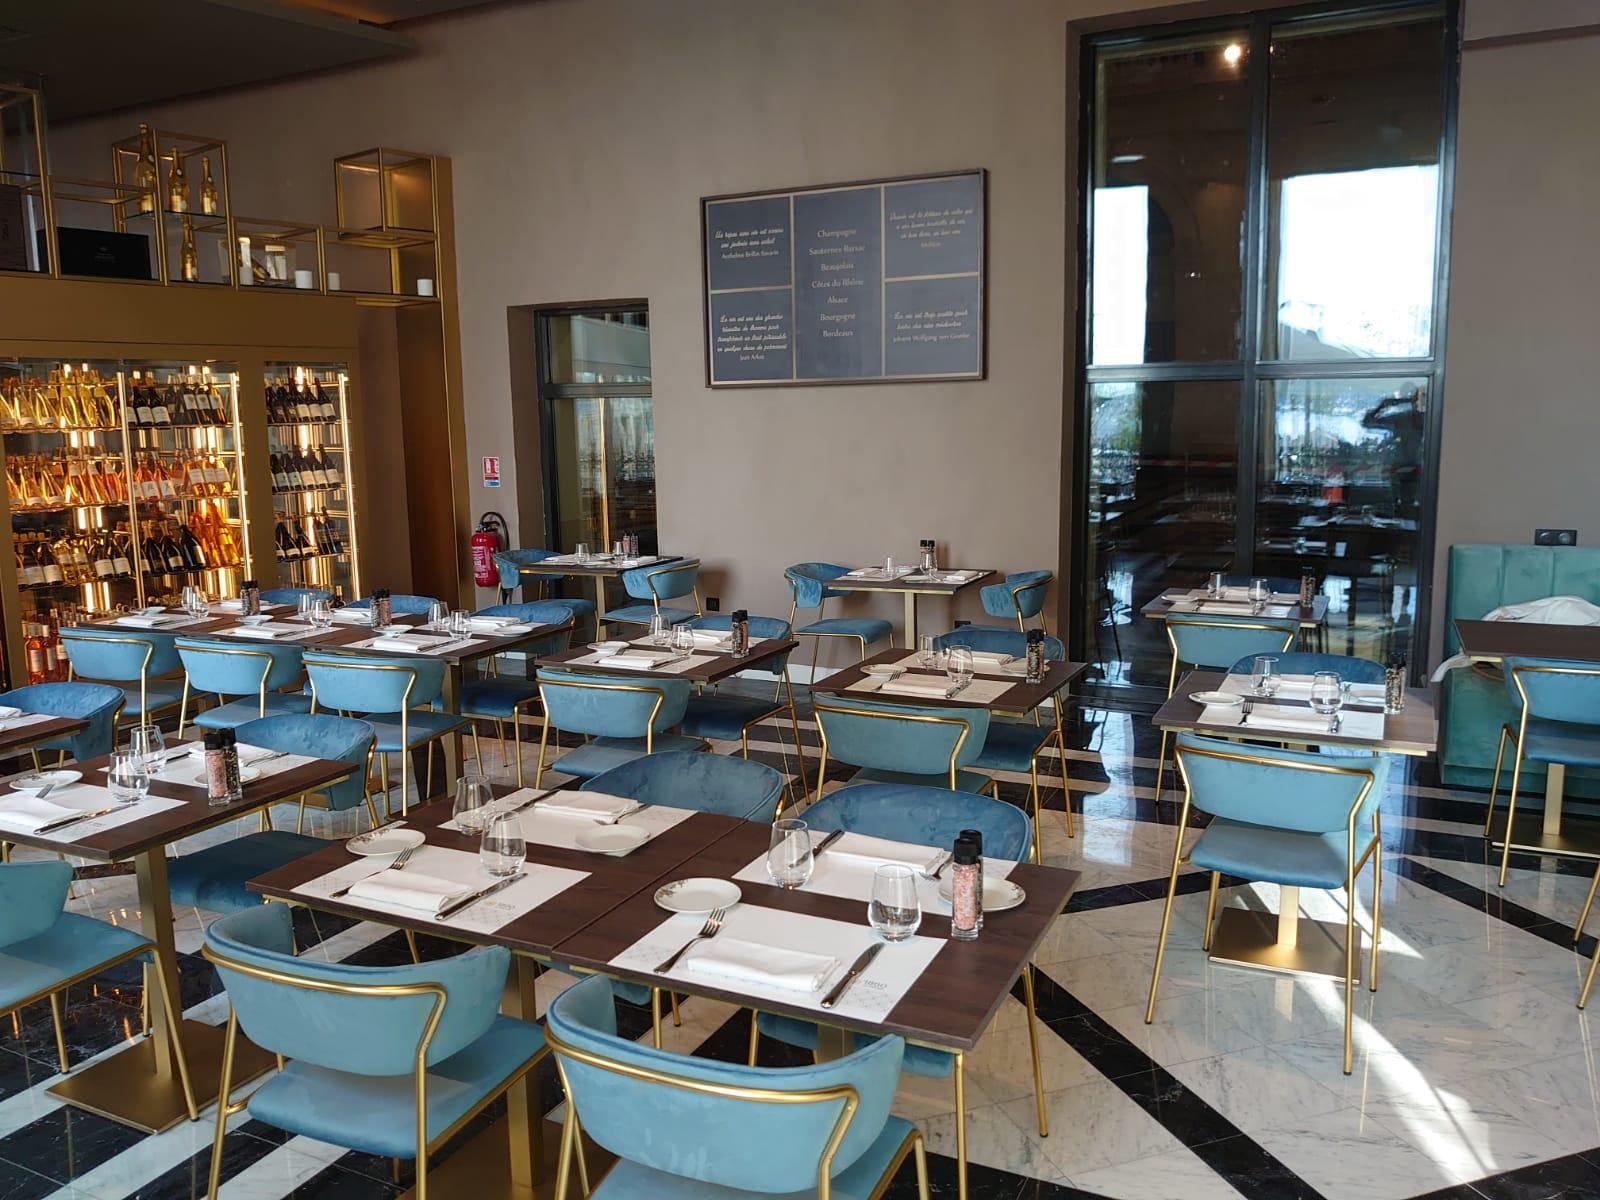 Interieur restaurant 1860 Le Palais Marseille Vieux-Port